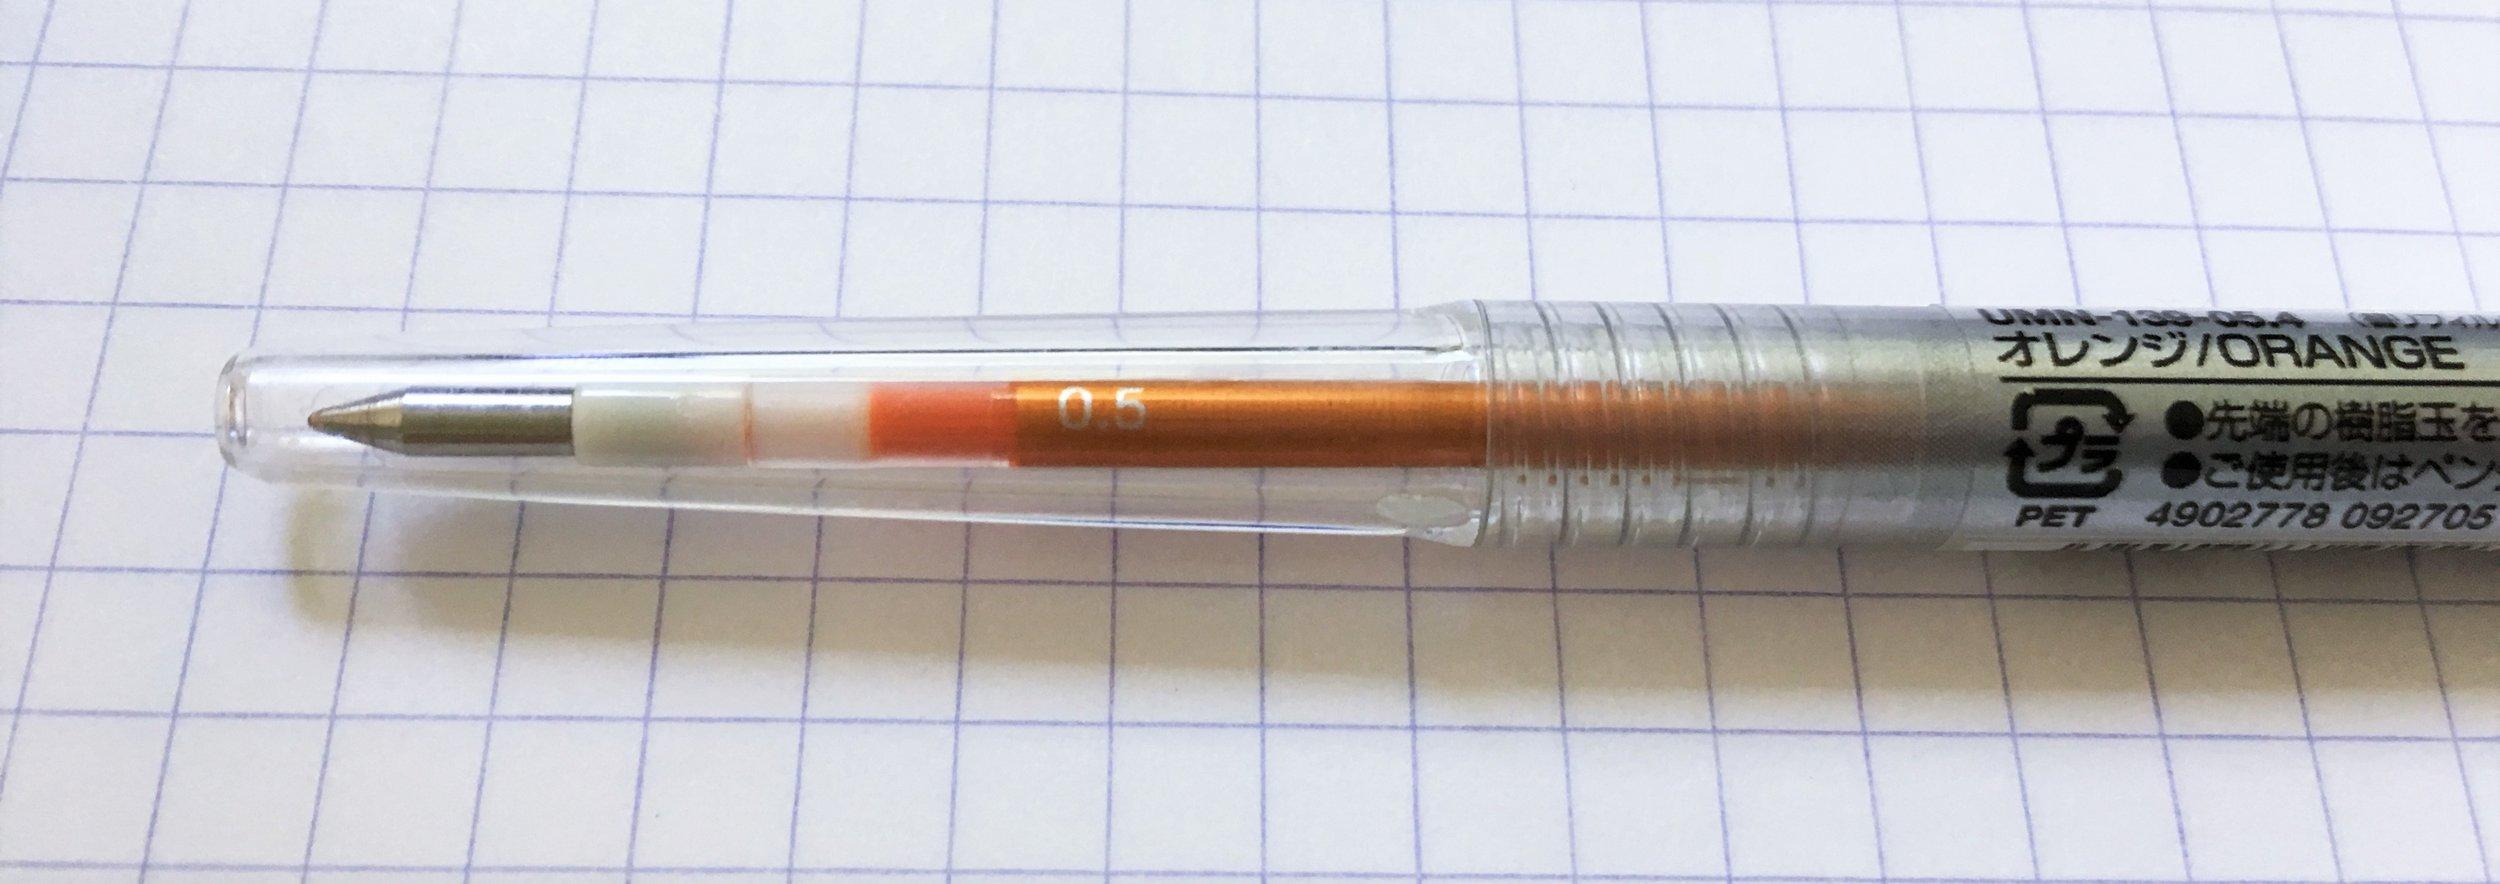 Uni Style Fit Single Color Gel Pen Grip